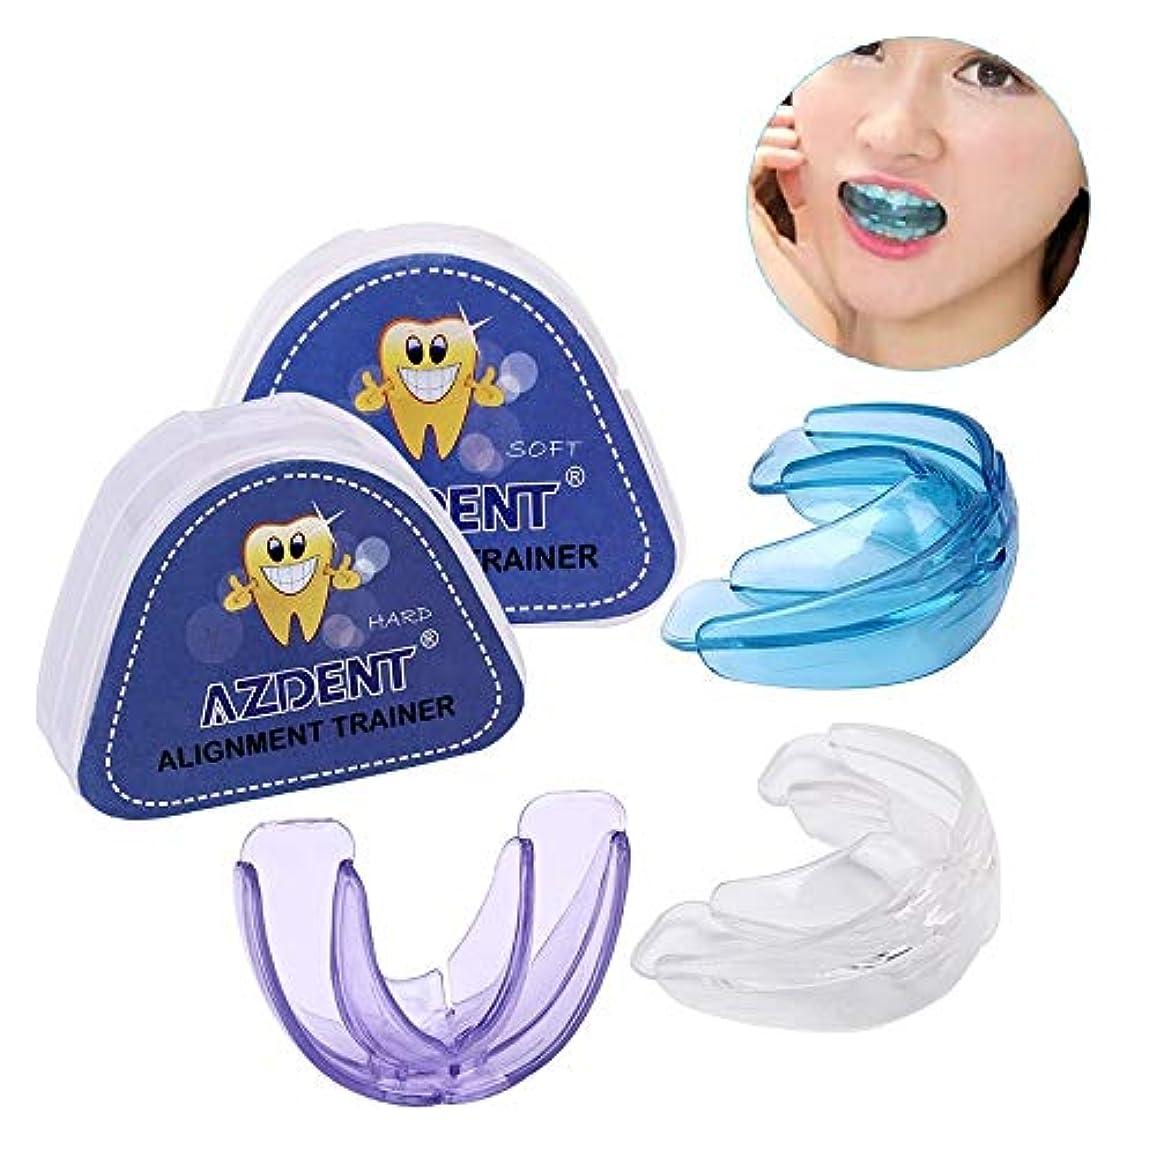 どこかシンプトン混乱1 SET(SOFT+HARD) Pro Silicone Tooth Orthodontic Dental Appliance Trainer Alignment Braces For Teeth Straight Alignment...